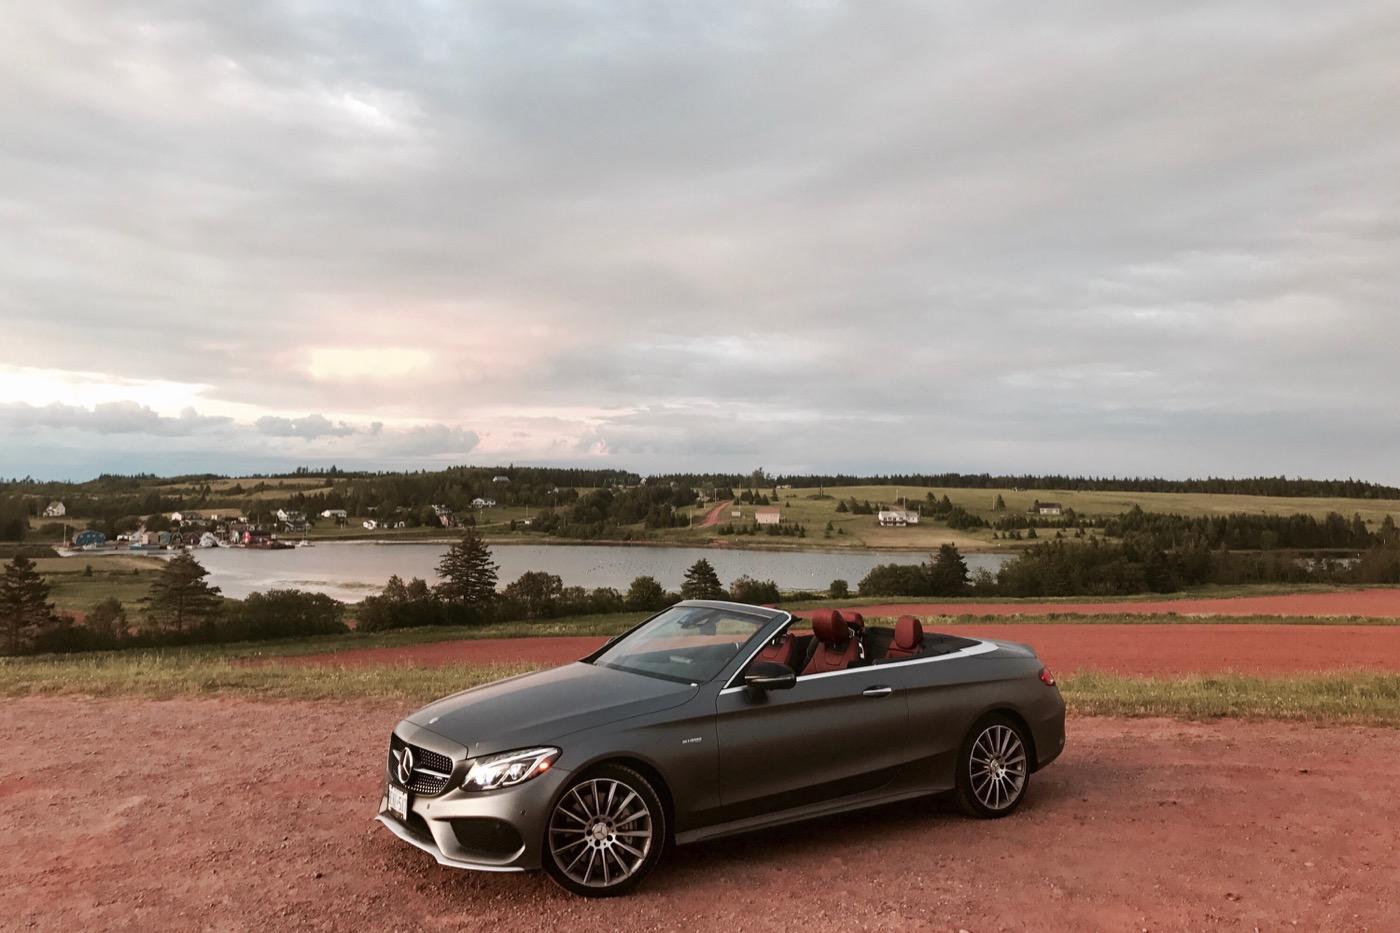 Что я могу найти возле моего нового дома PEI в одном вечернем путешествии в кабриолете Mercedes-AMG C43 2017 года?